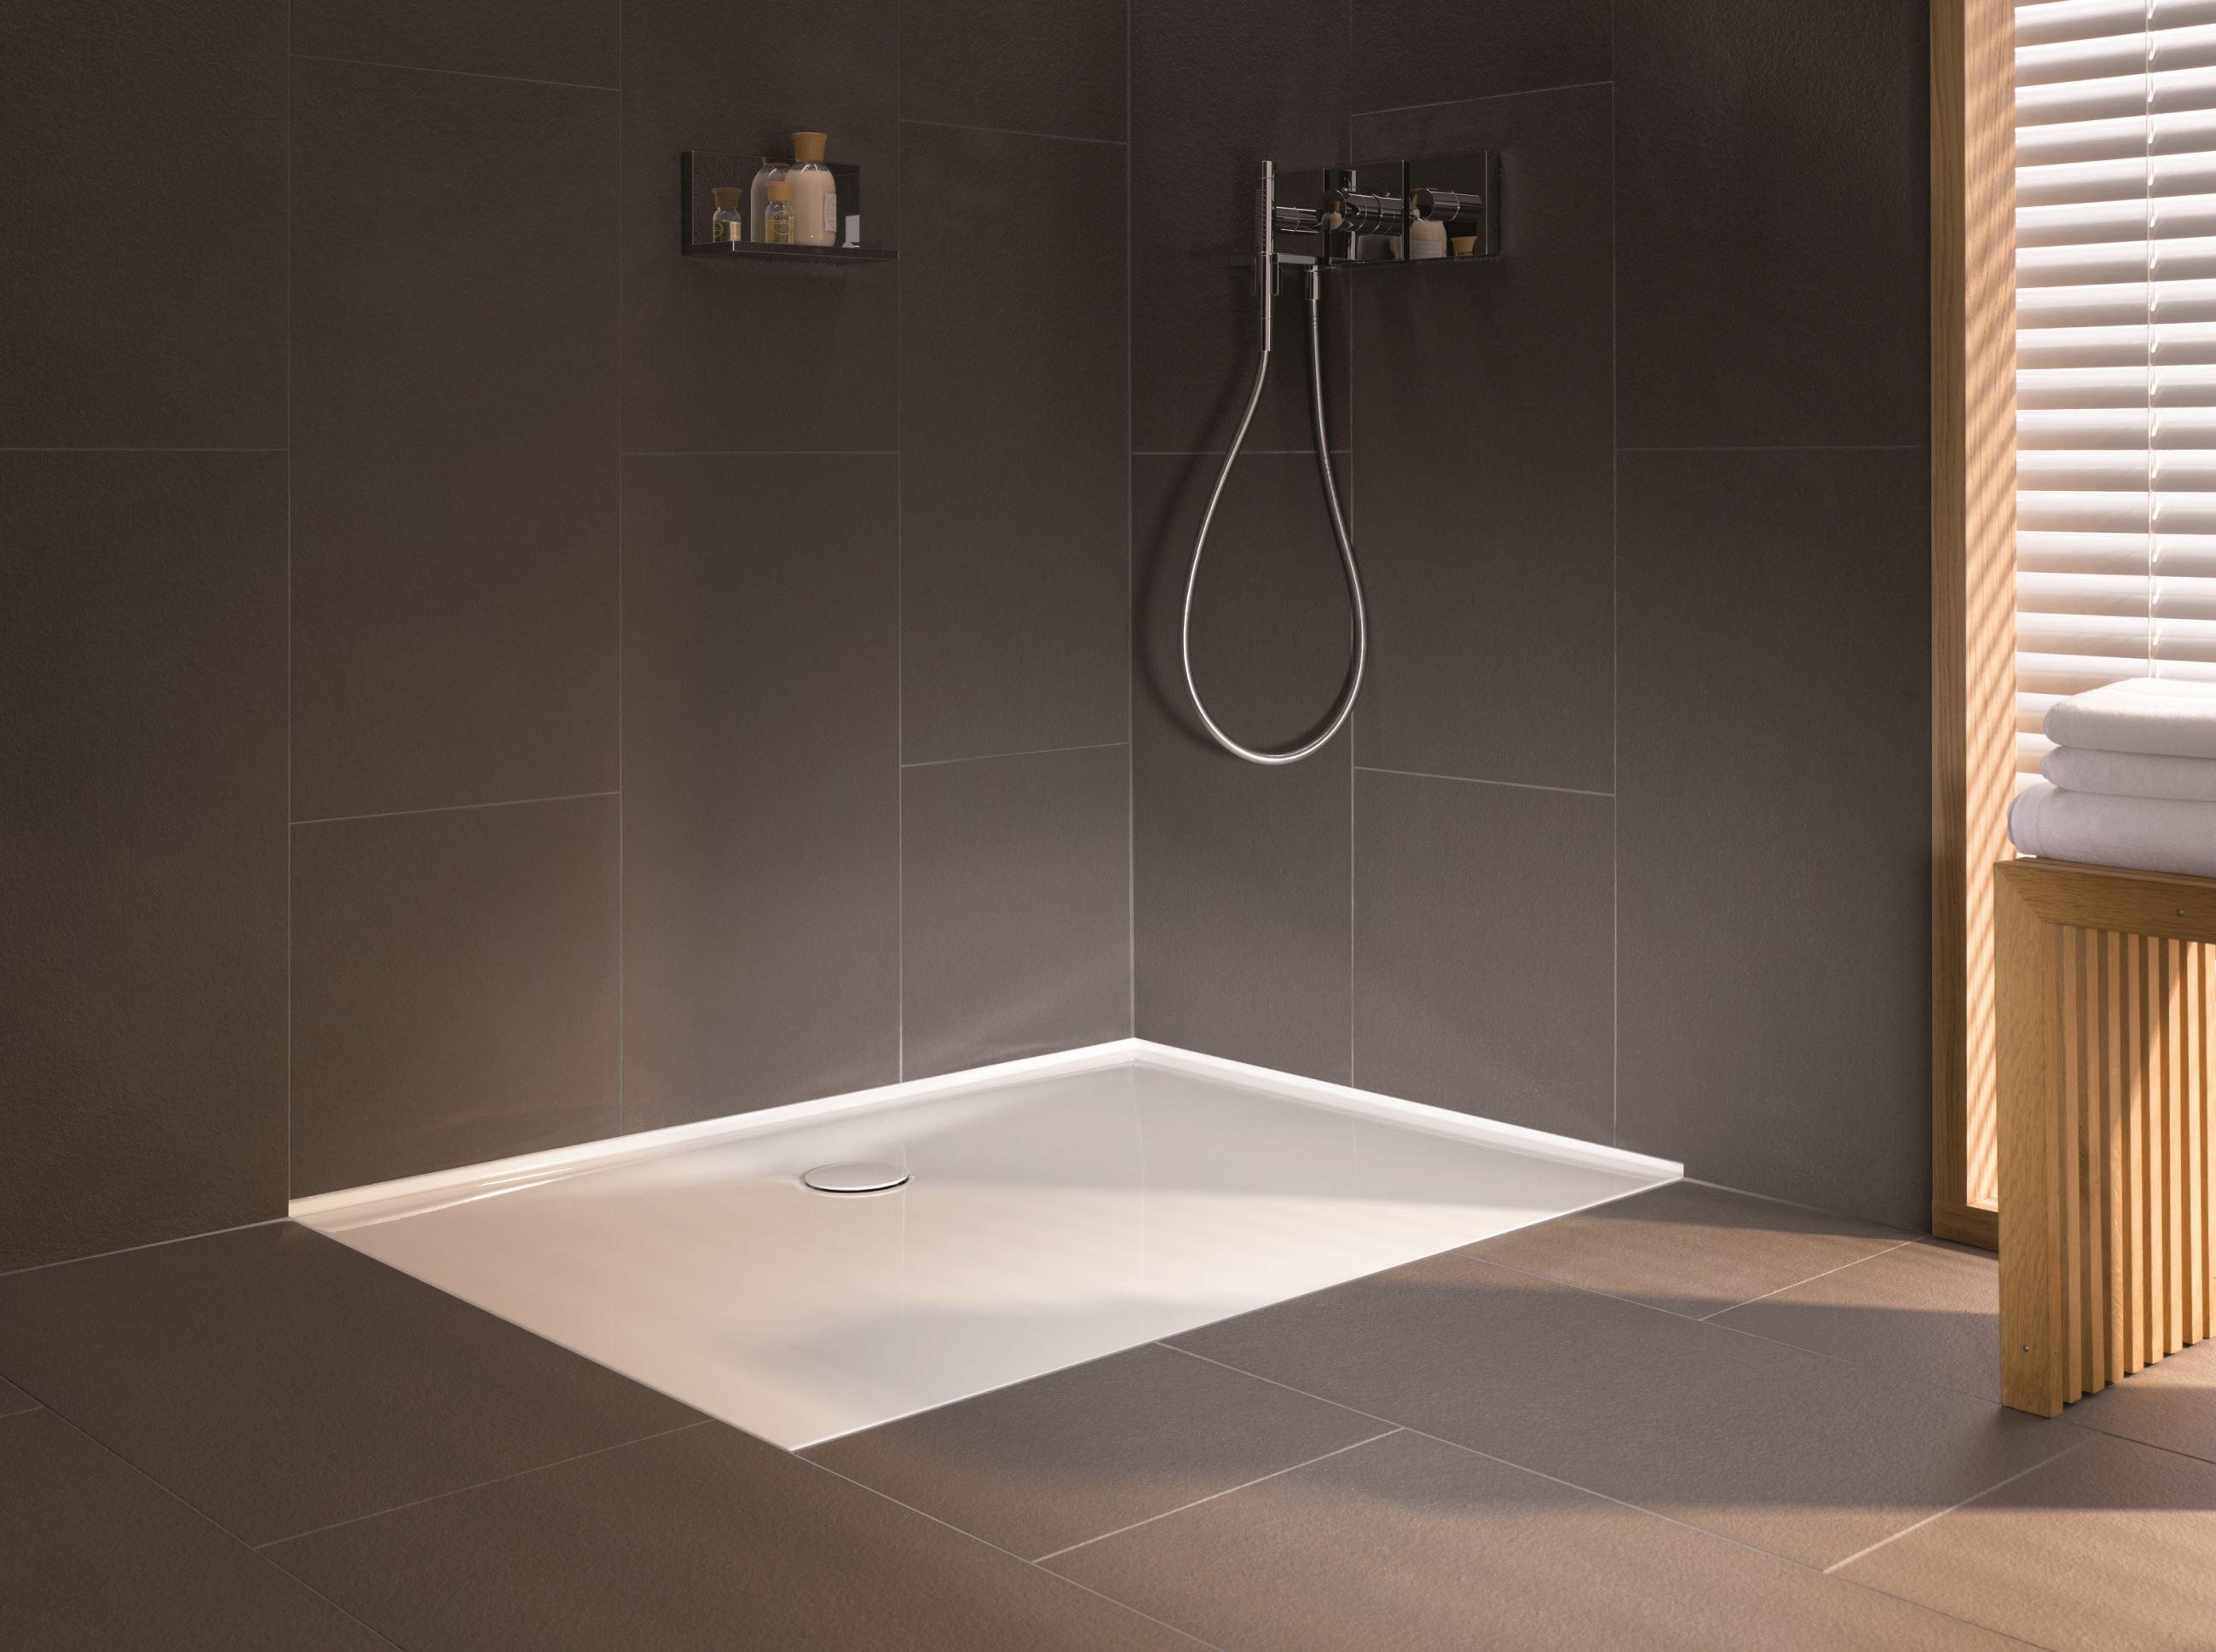 bettefloor- shower tray